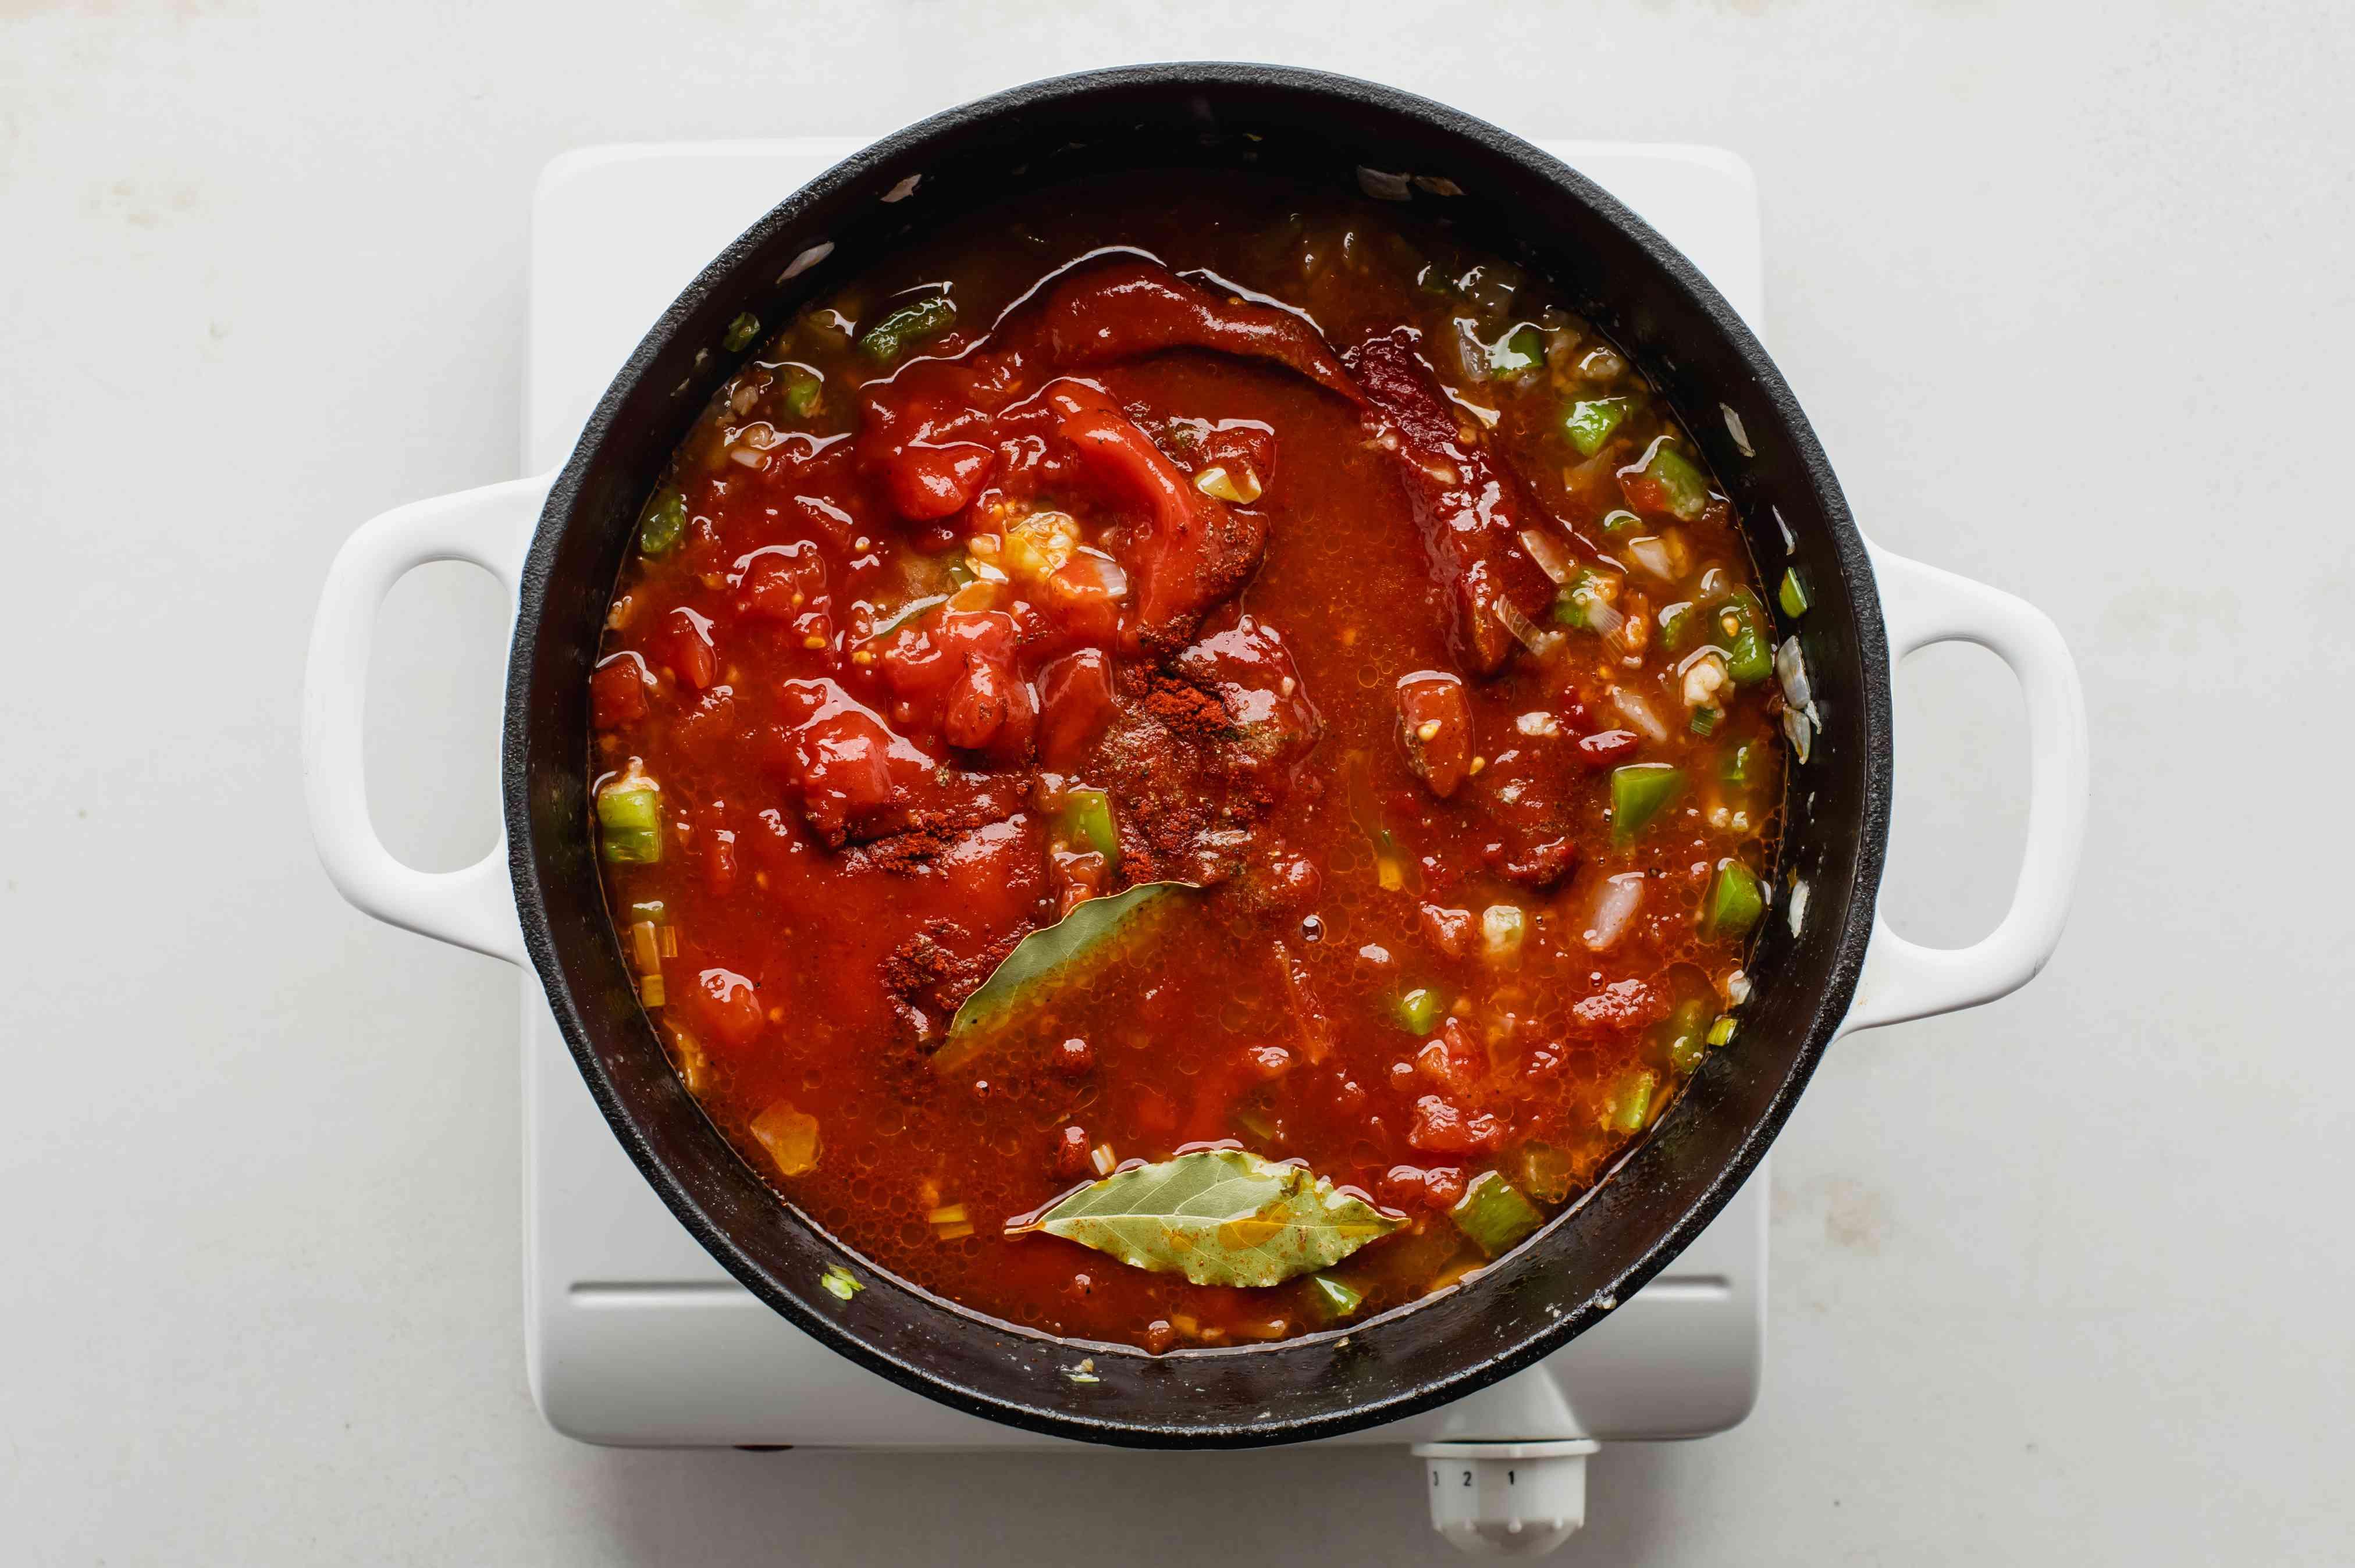 Stir in diced tomato